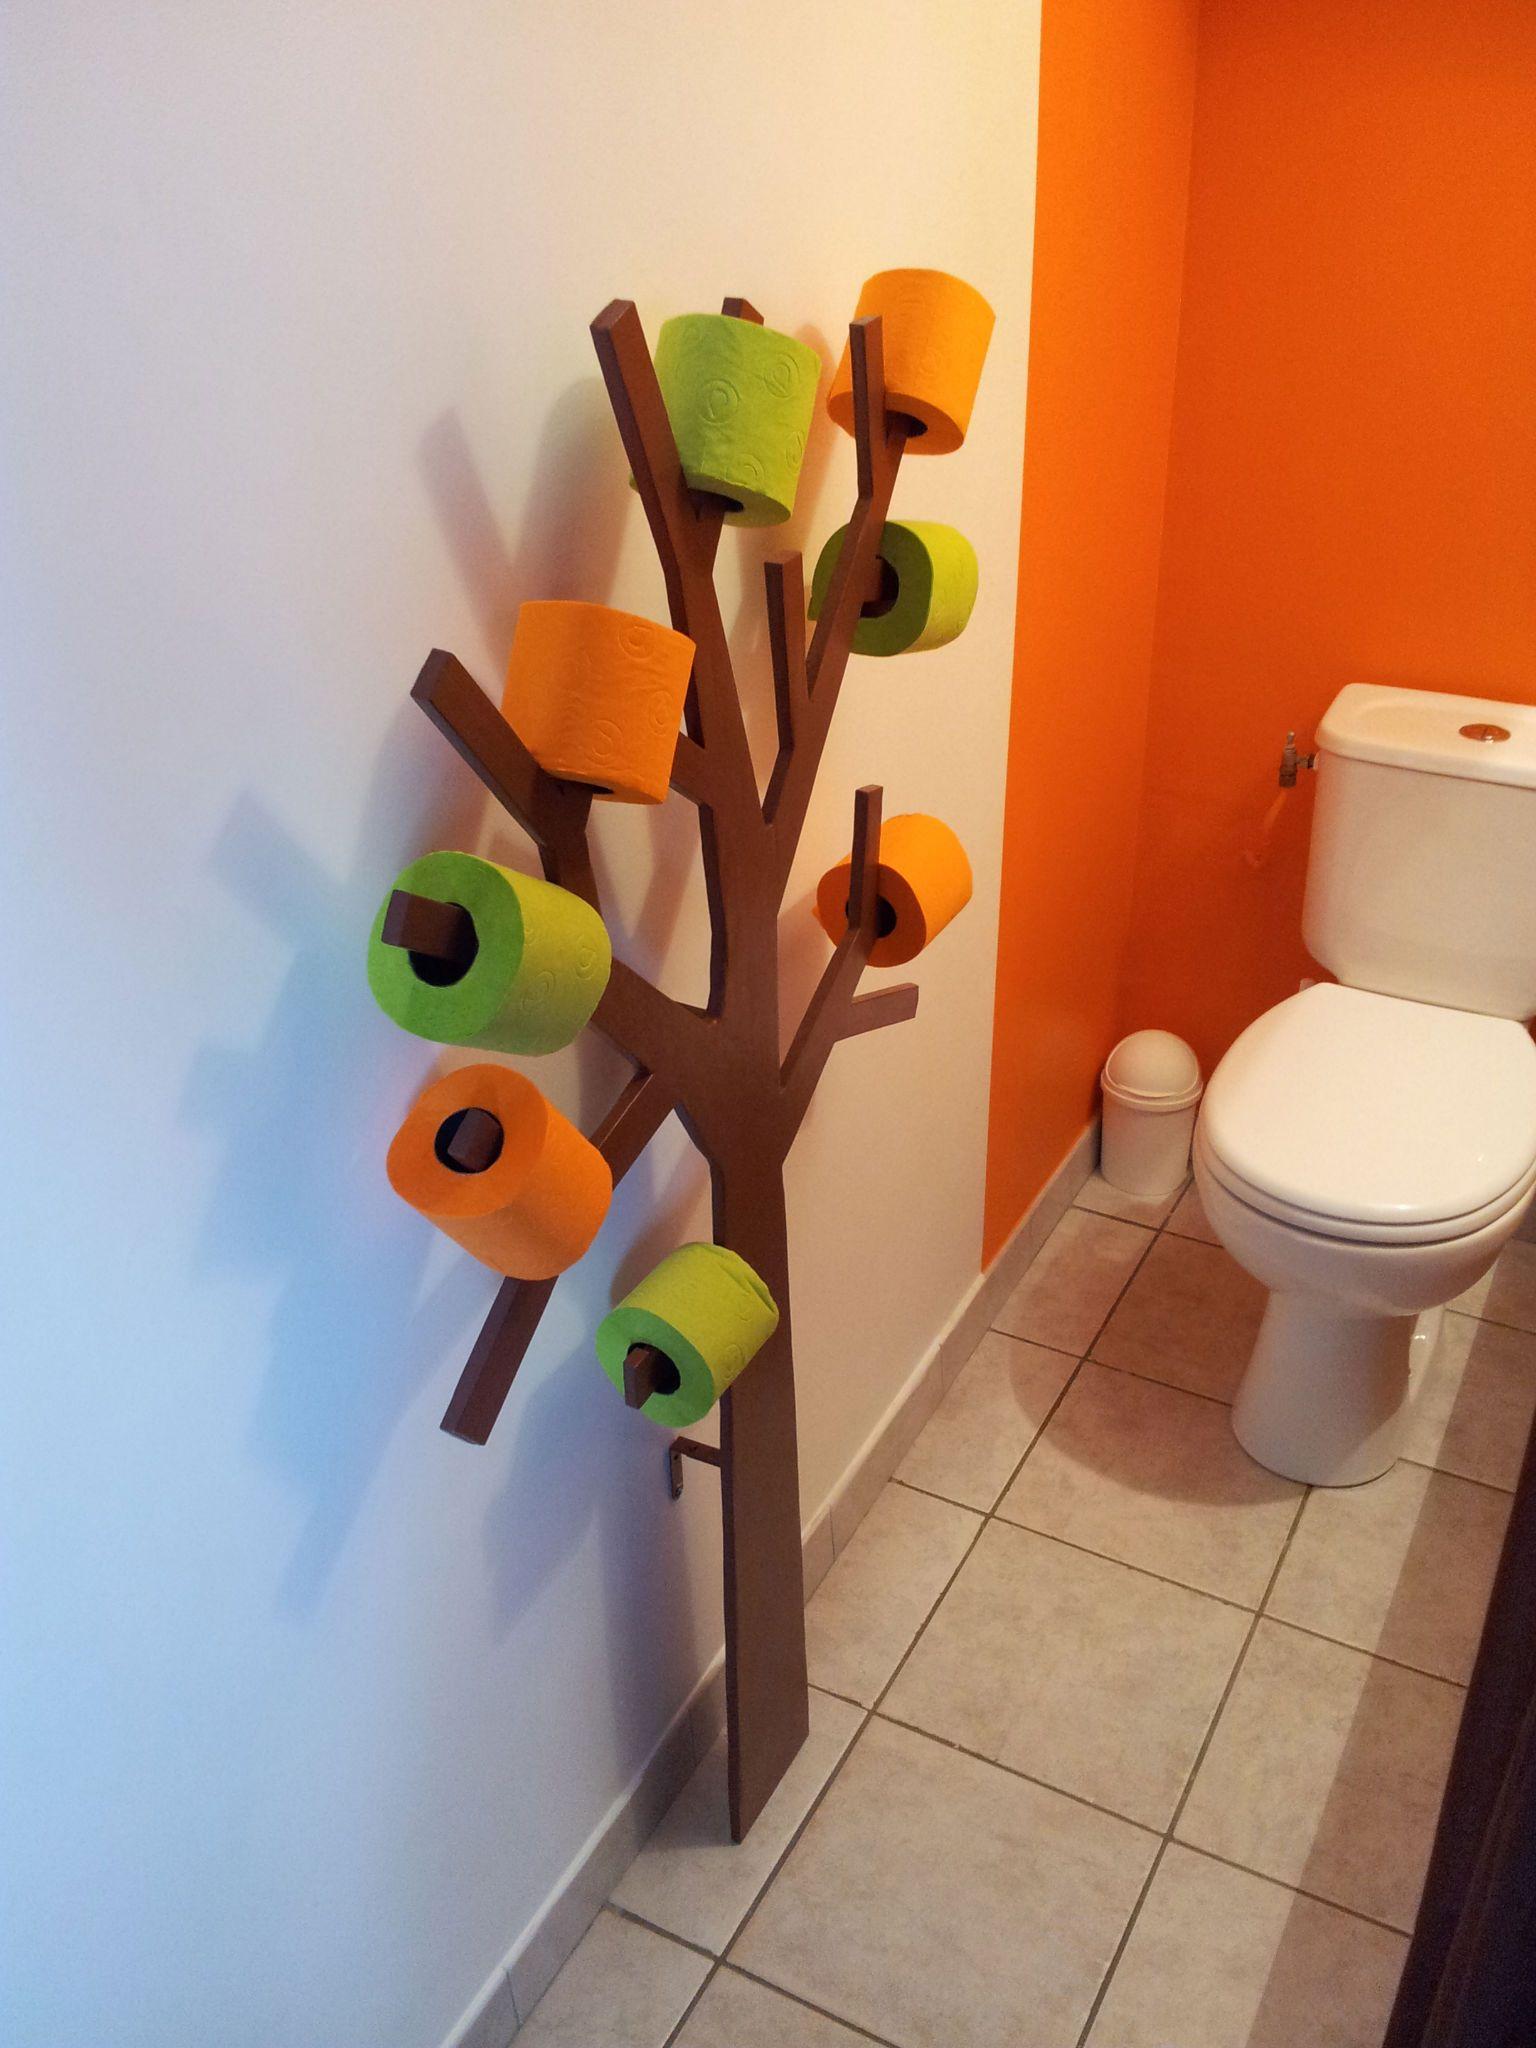 Blog de toutencarton toutencarton lampes cadres et meubles tout en carton arbre papier - Acheter meubles en carton ...